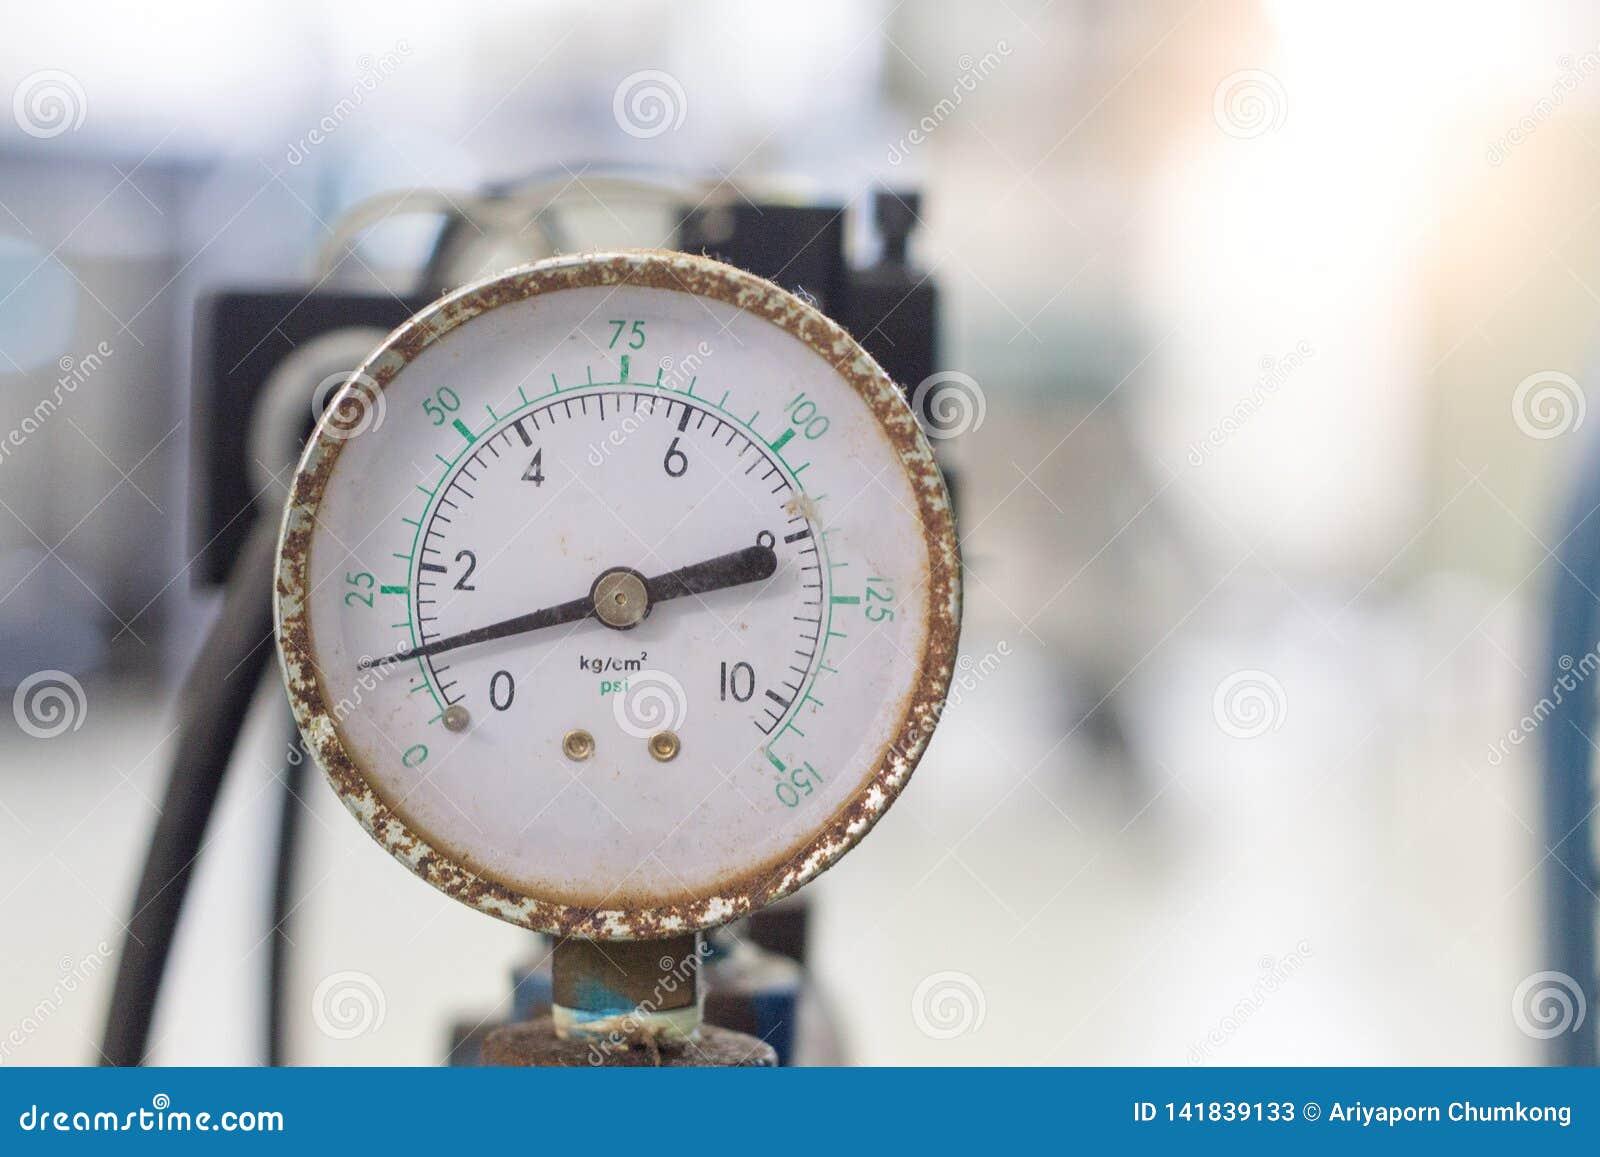 Indicador de presión de aire